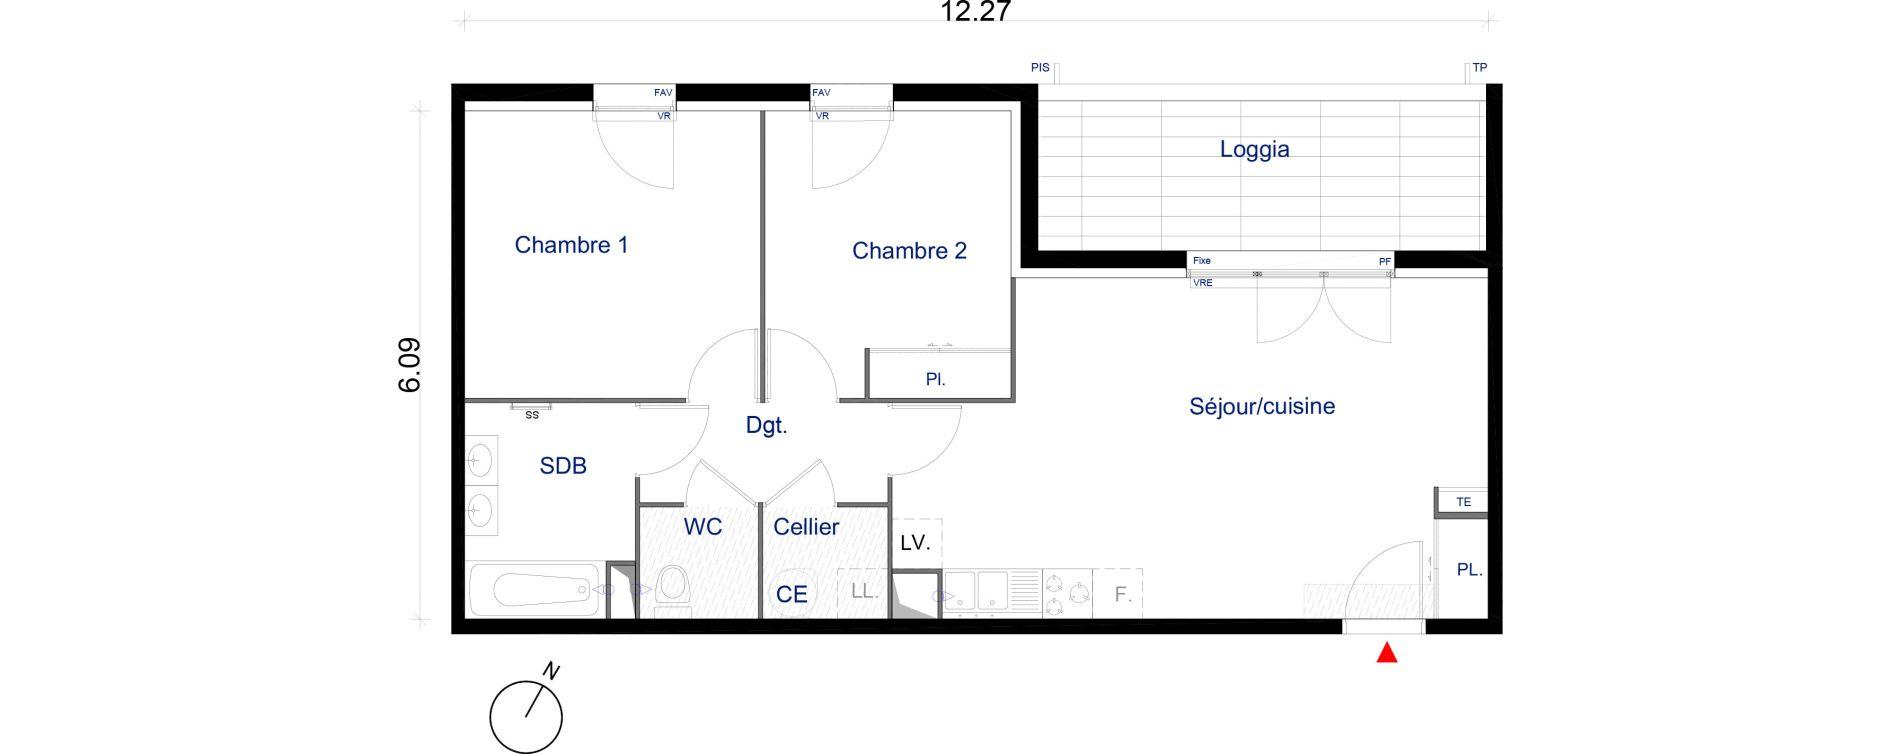 Appartement T3 de 61,34 m2 à La Seyne-Sur-Mer La seyne sur mer centre